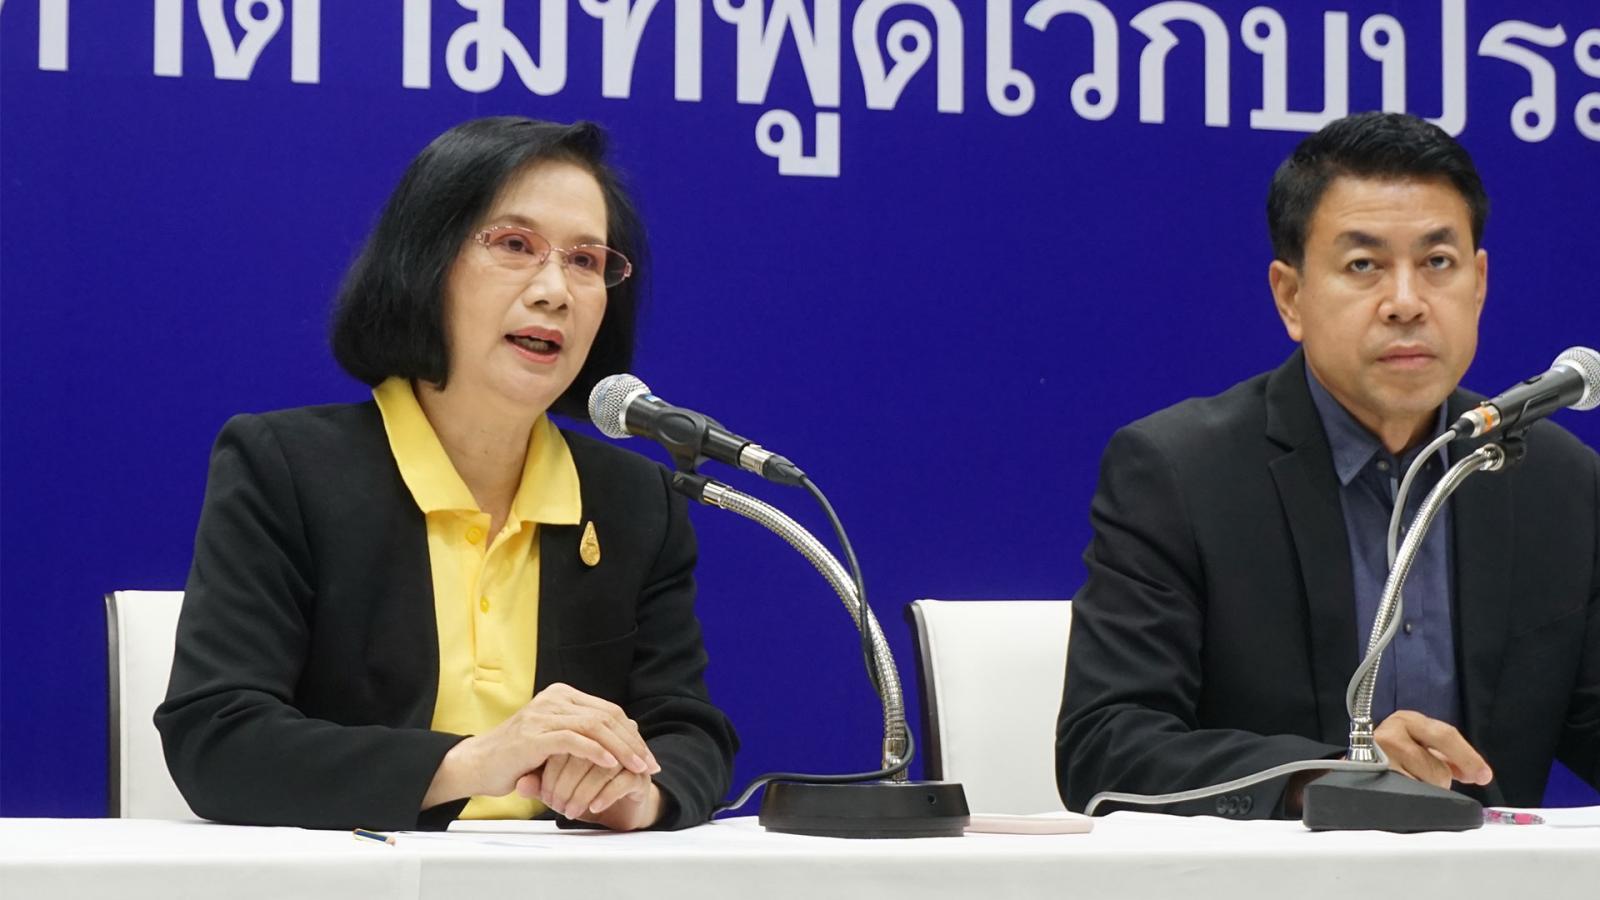 วันแรงงาน! เพื่อไทย ชี้ ถ้าไม่ยึดอำนาจค่าแรงขั้นต่ำอาจสูงถึง 400 ต่อวัน